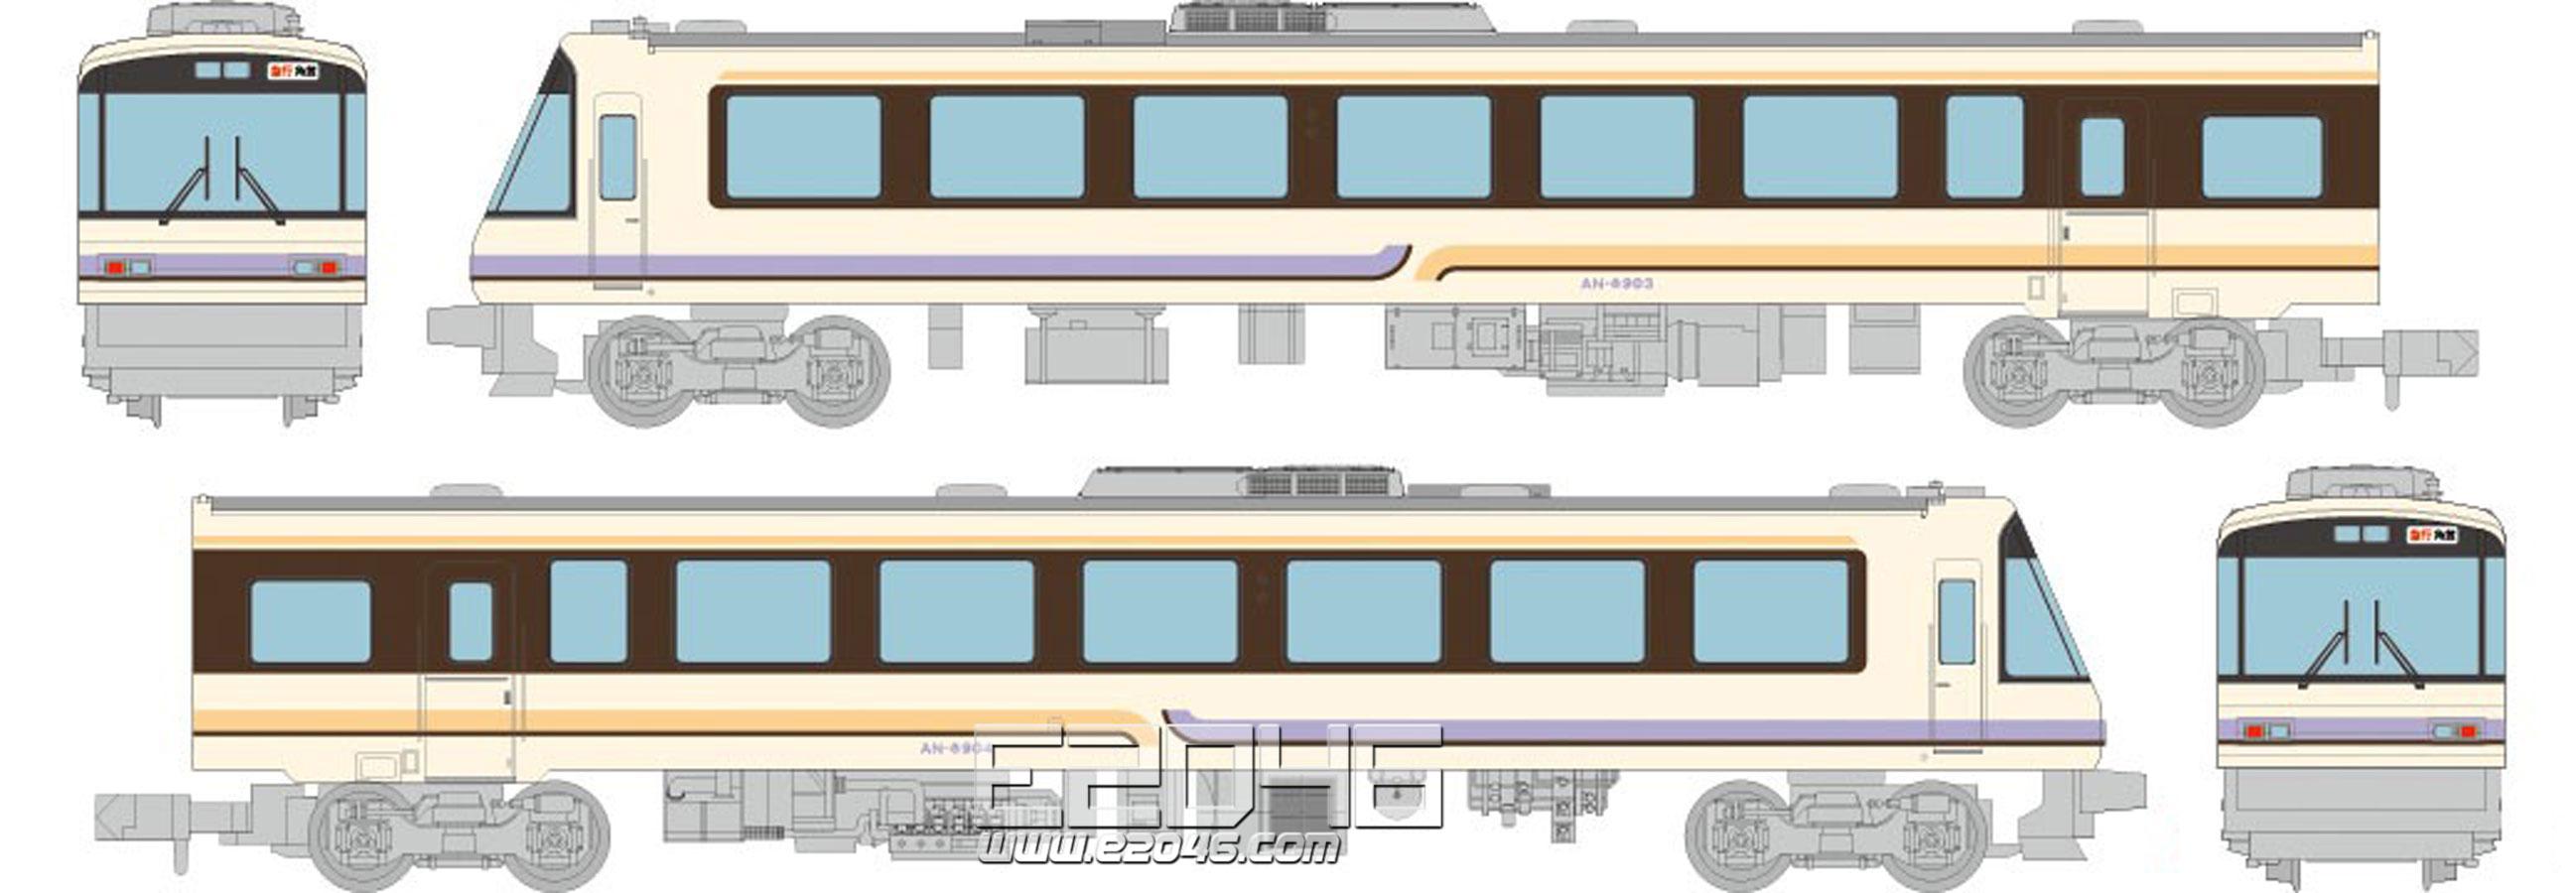 秋田内陆运输铁路 AN8900